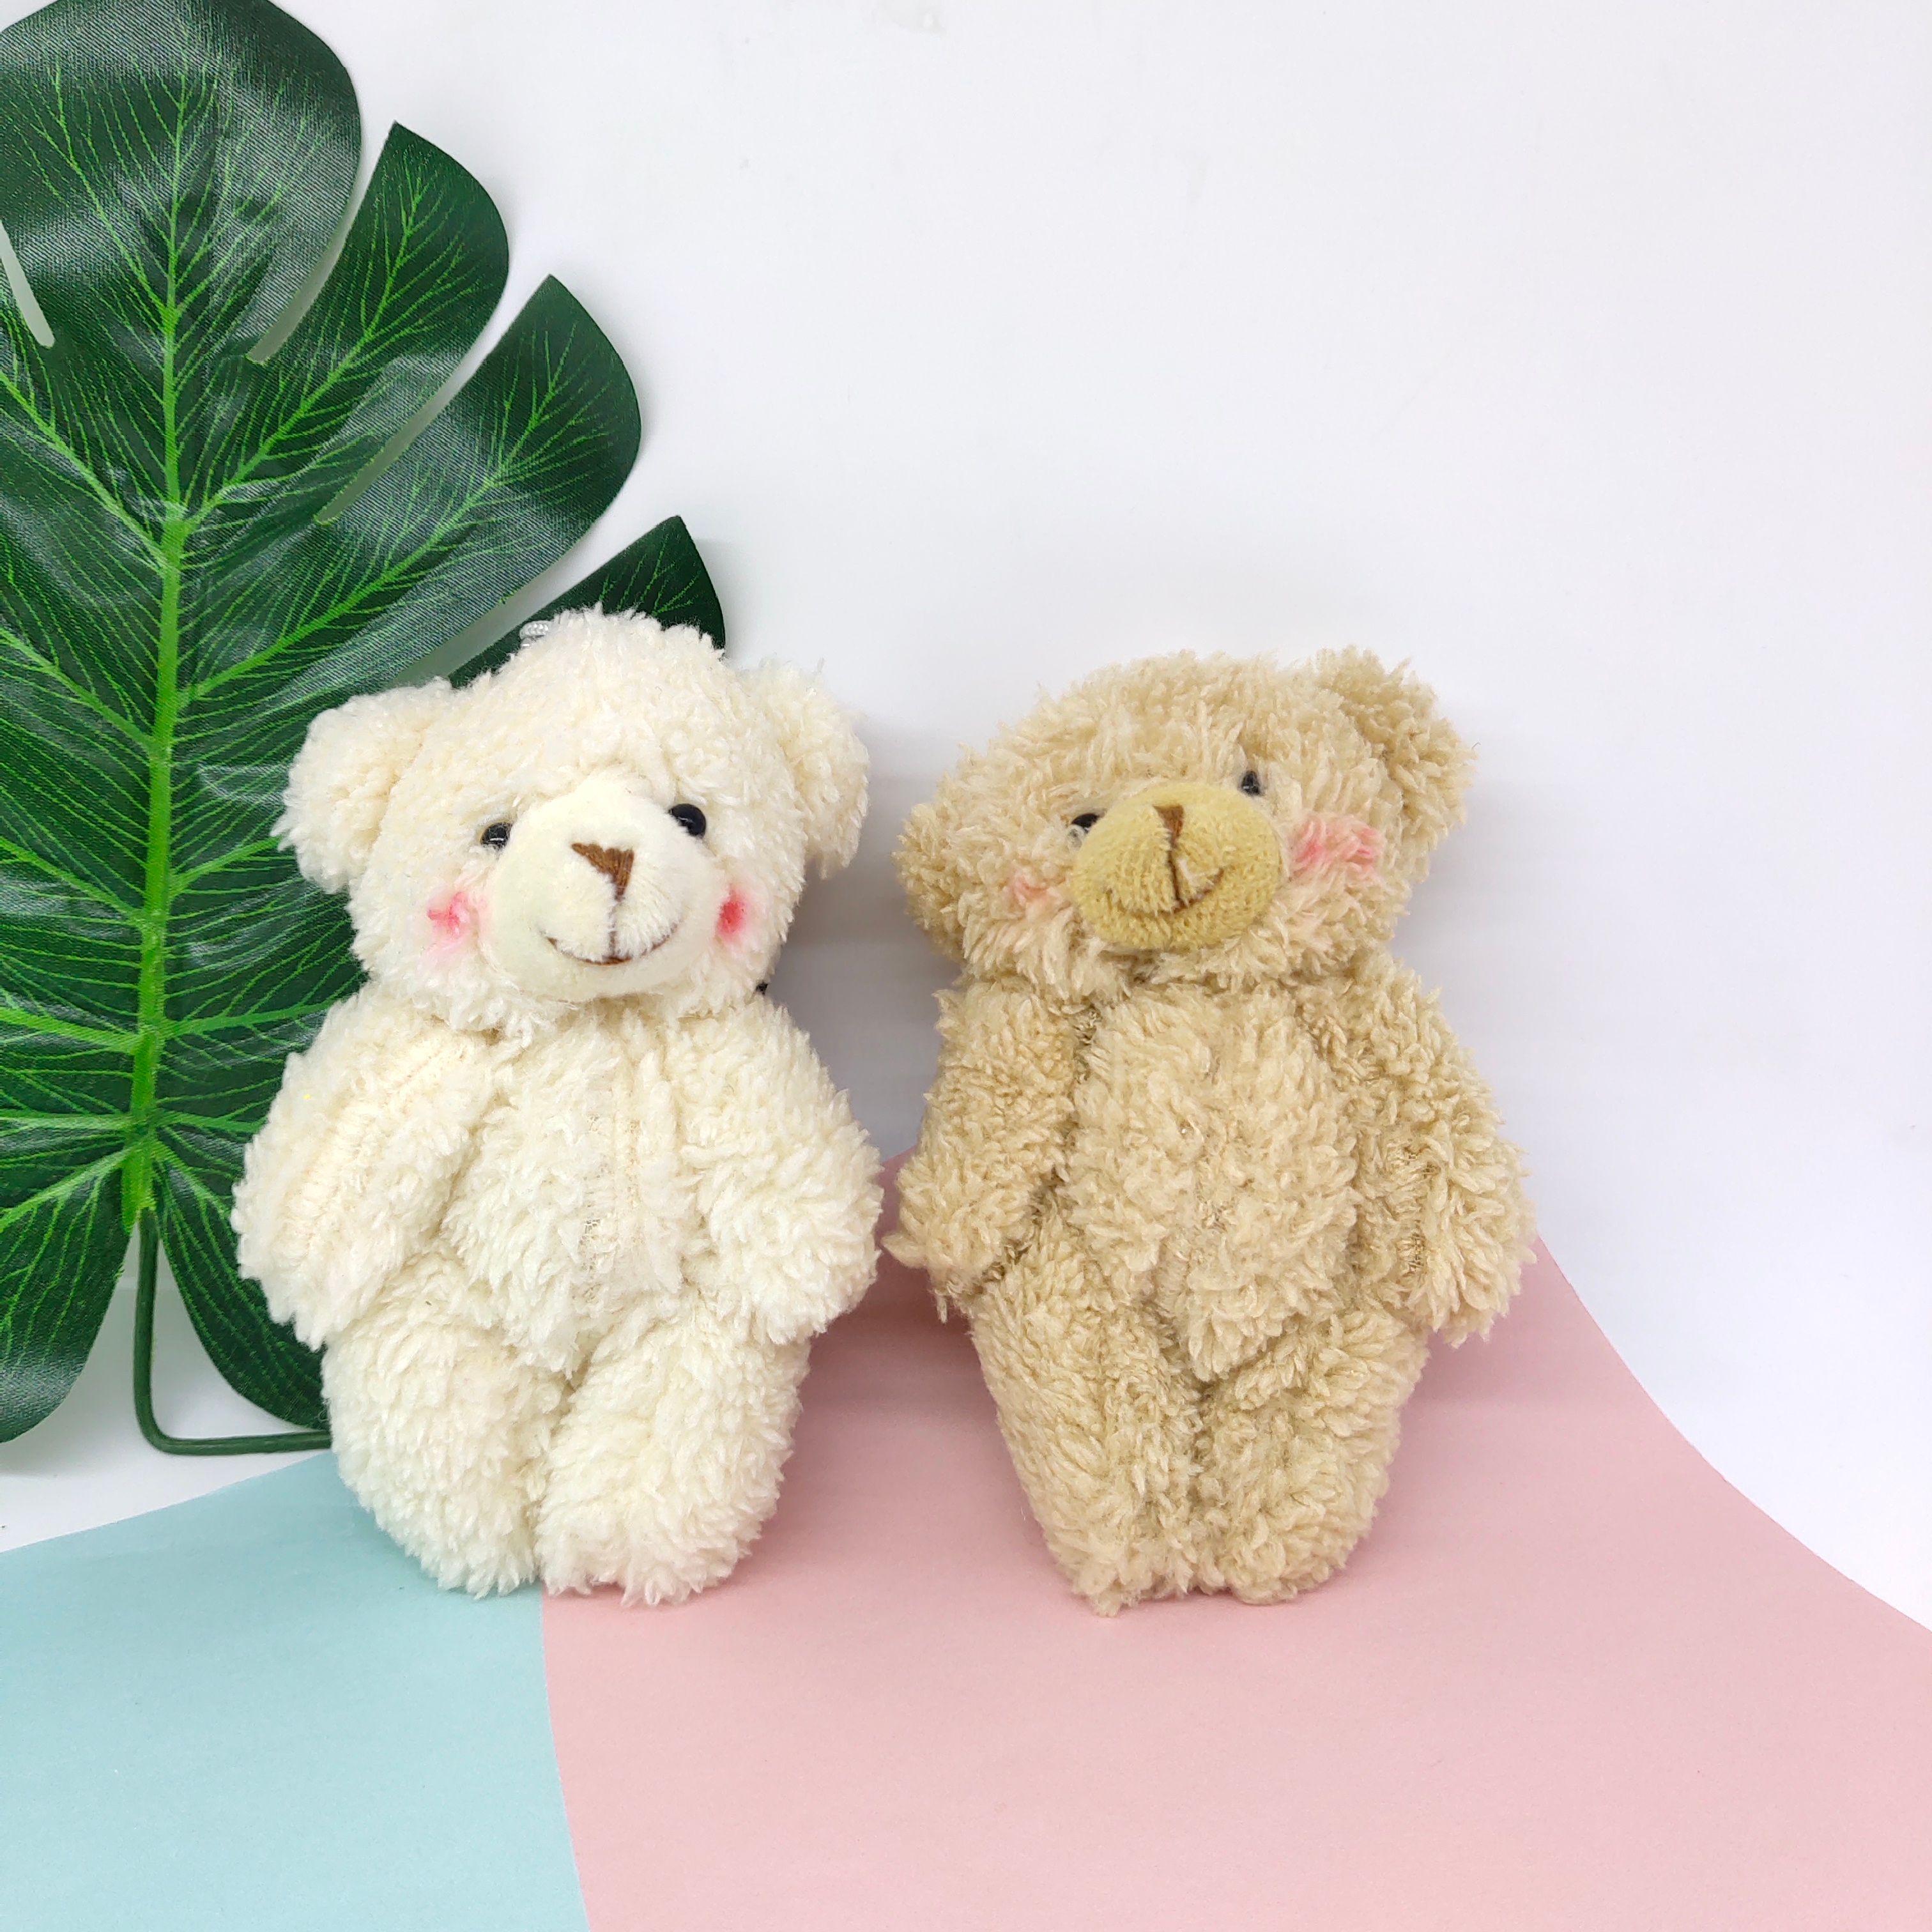 12cm卷毛腮红小熊毛绒玩具 跨境网红可爱包包小挂件 毛绒关节熊公仔